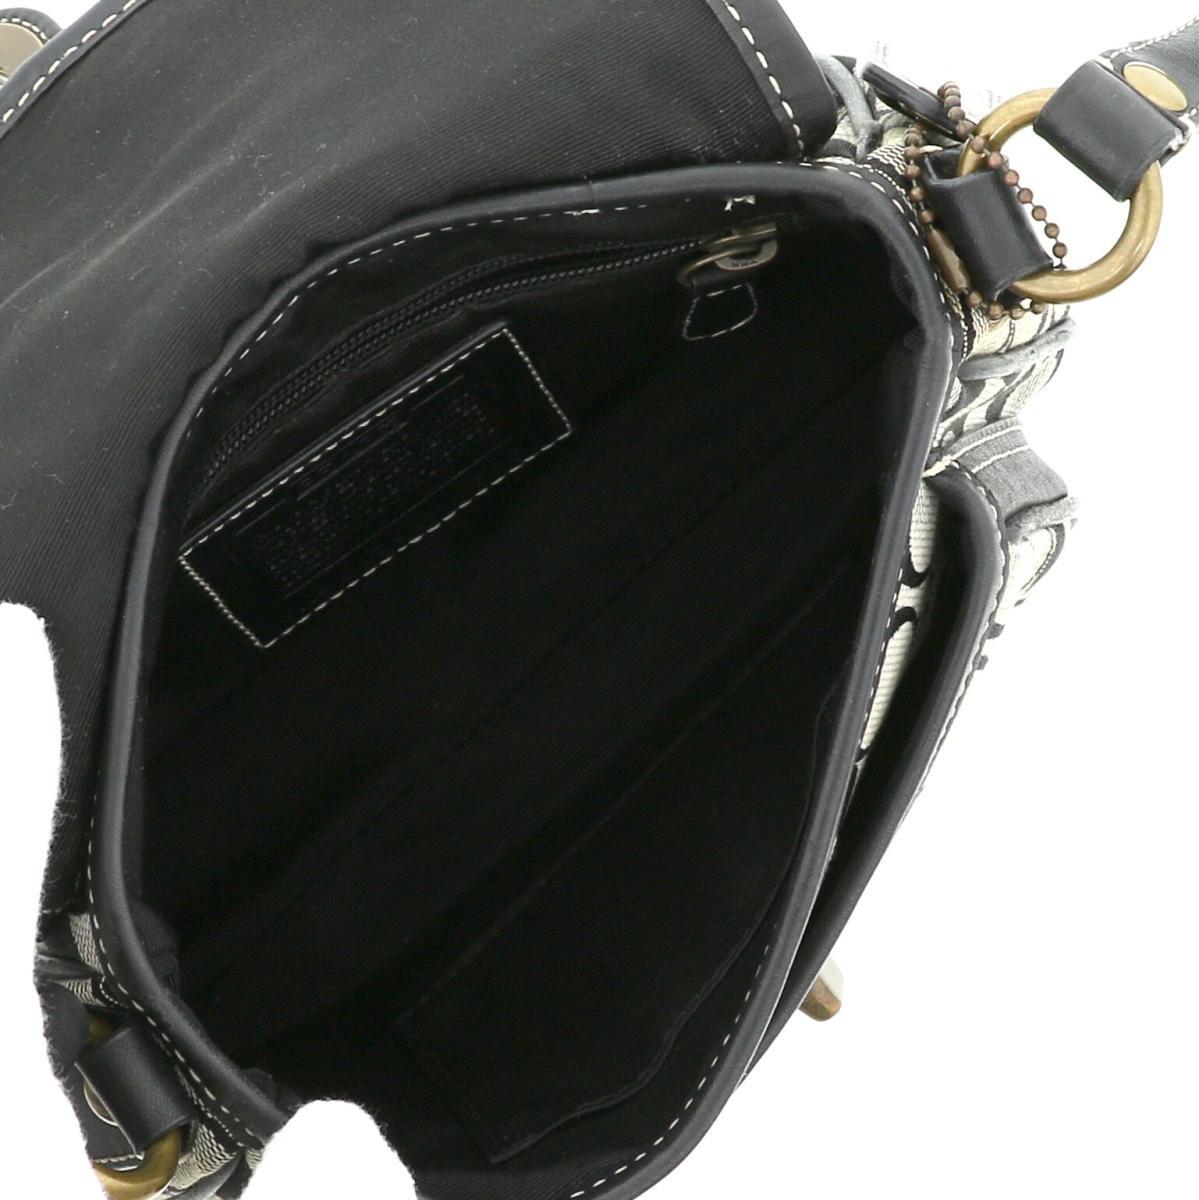 【最終値下げ品】【中古】COACH コーチ シグネチャー クリケット バッグ ショルダー/メッセンジャーバッグ Signature Black/ブラック 10566 used:B